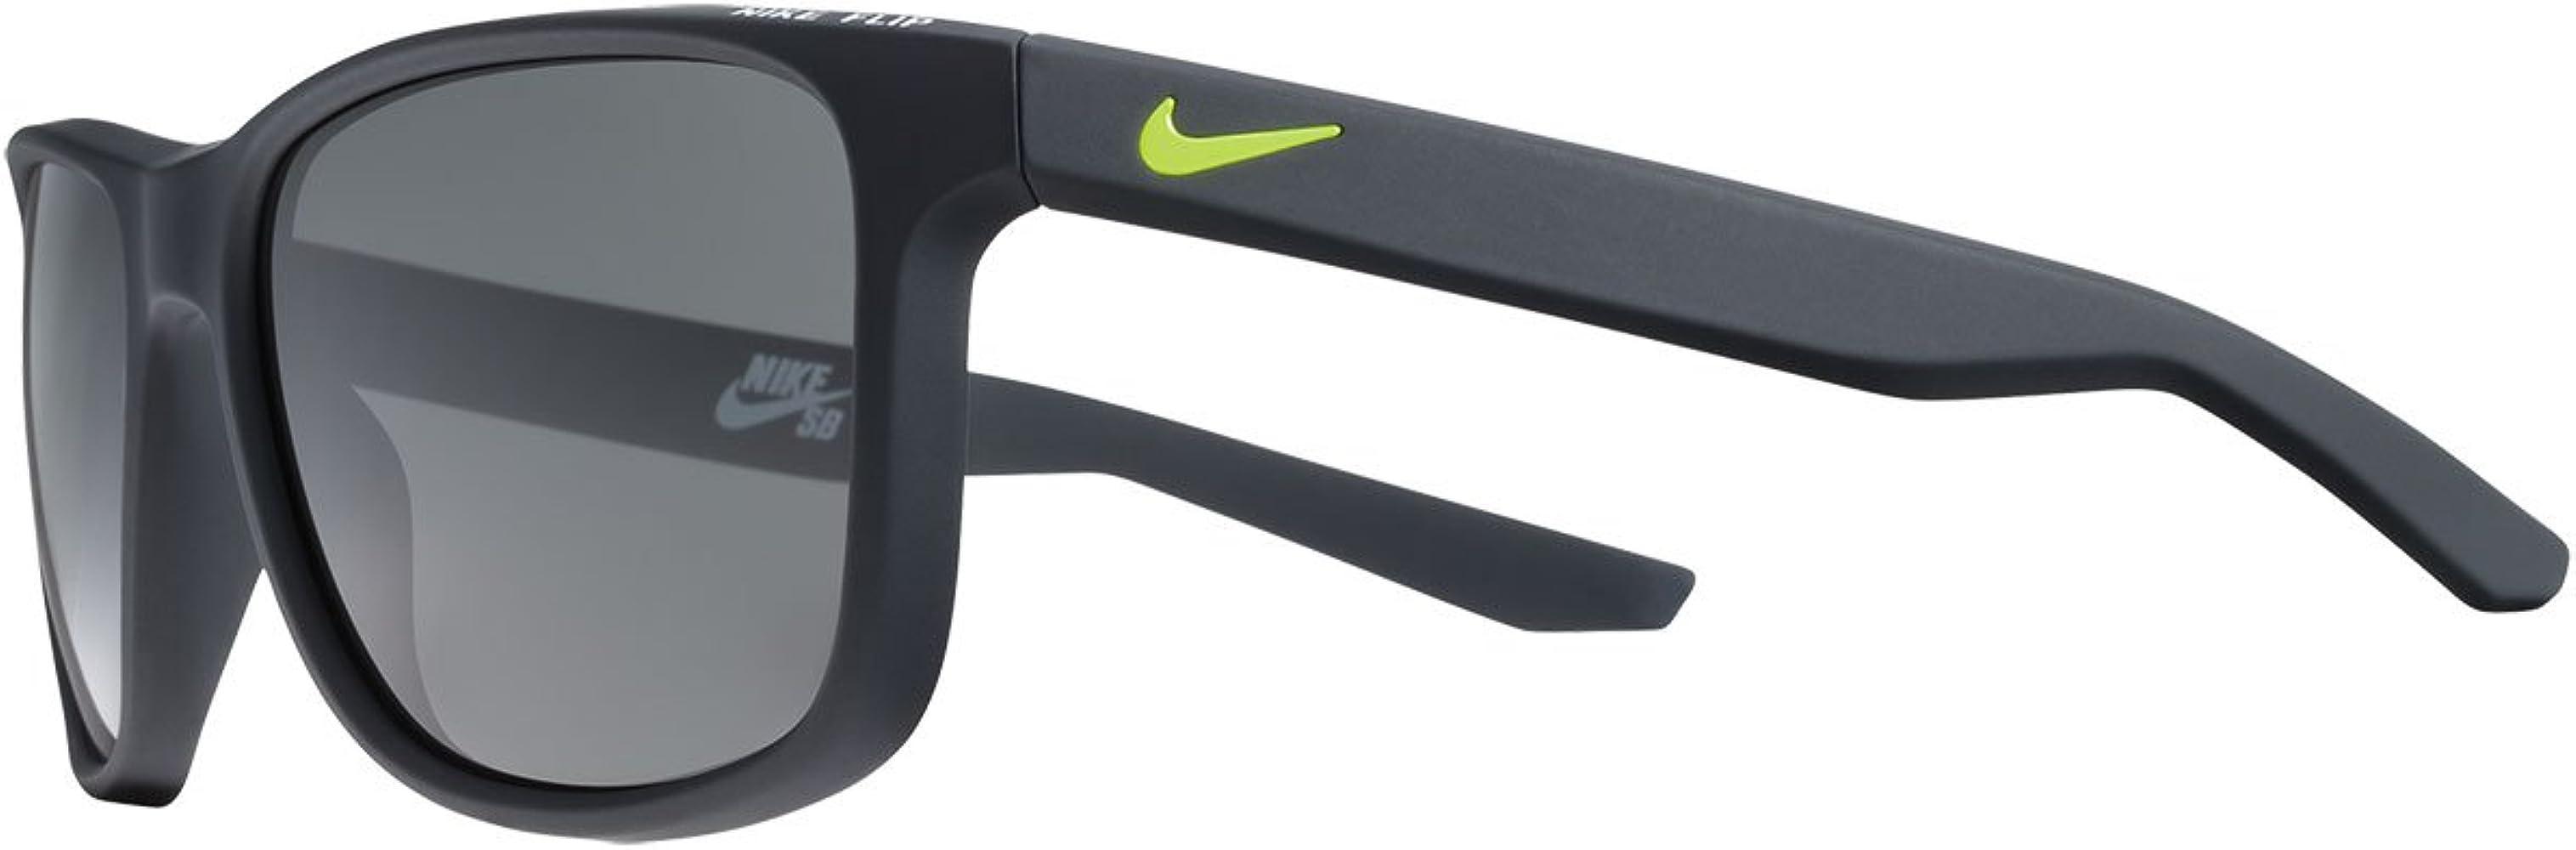 Nike Flip Ev0990 077 53 Gafas de Sol, MttBlckW/GryLns ...